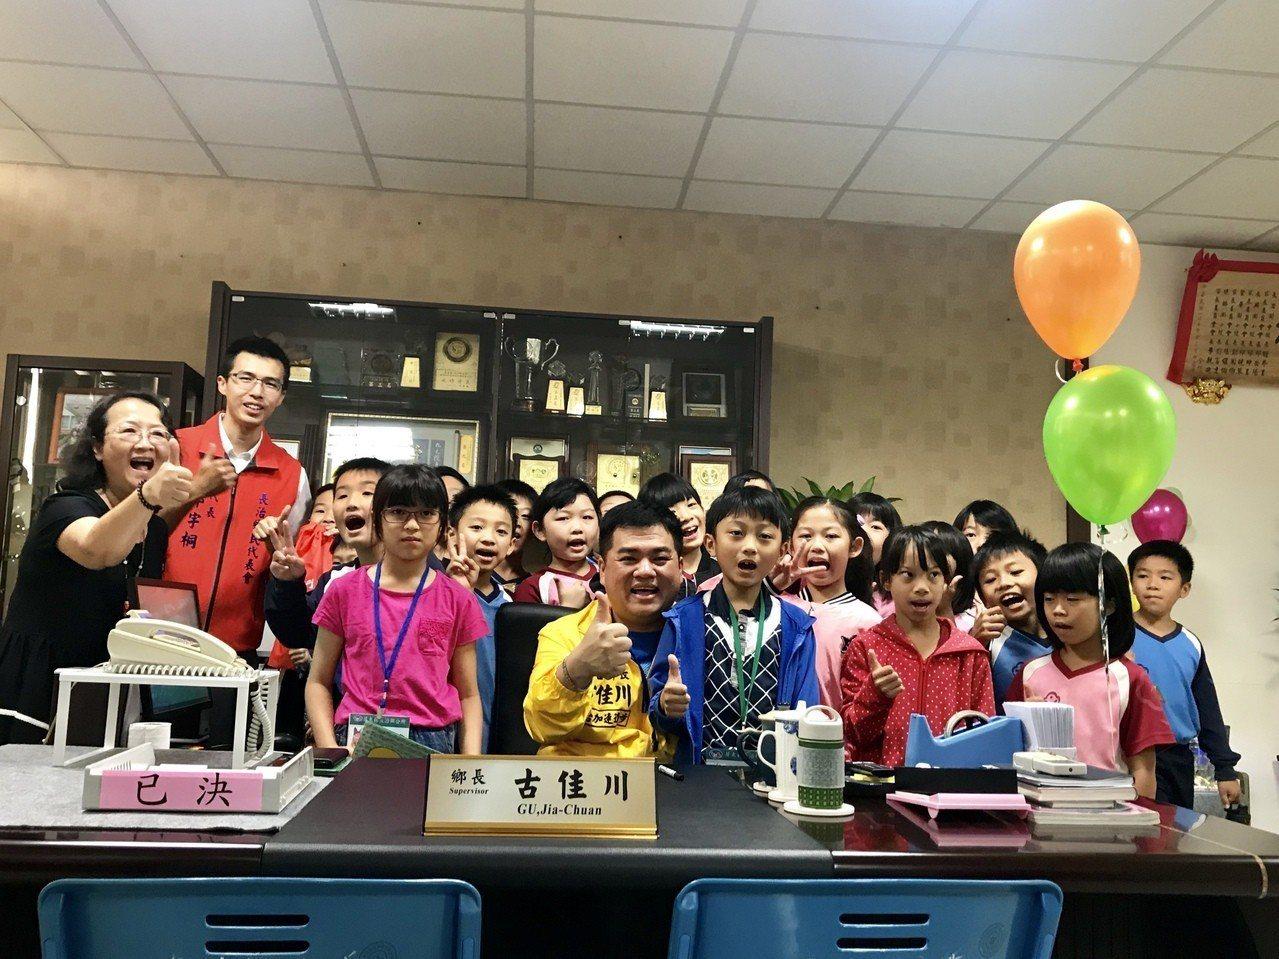 長治鄉公所兒童節舉辦「一日鄉長體驗」,鄉長辦公椅人人都想坐。記者江國豪/攝影